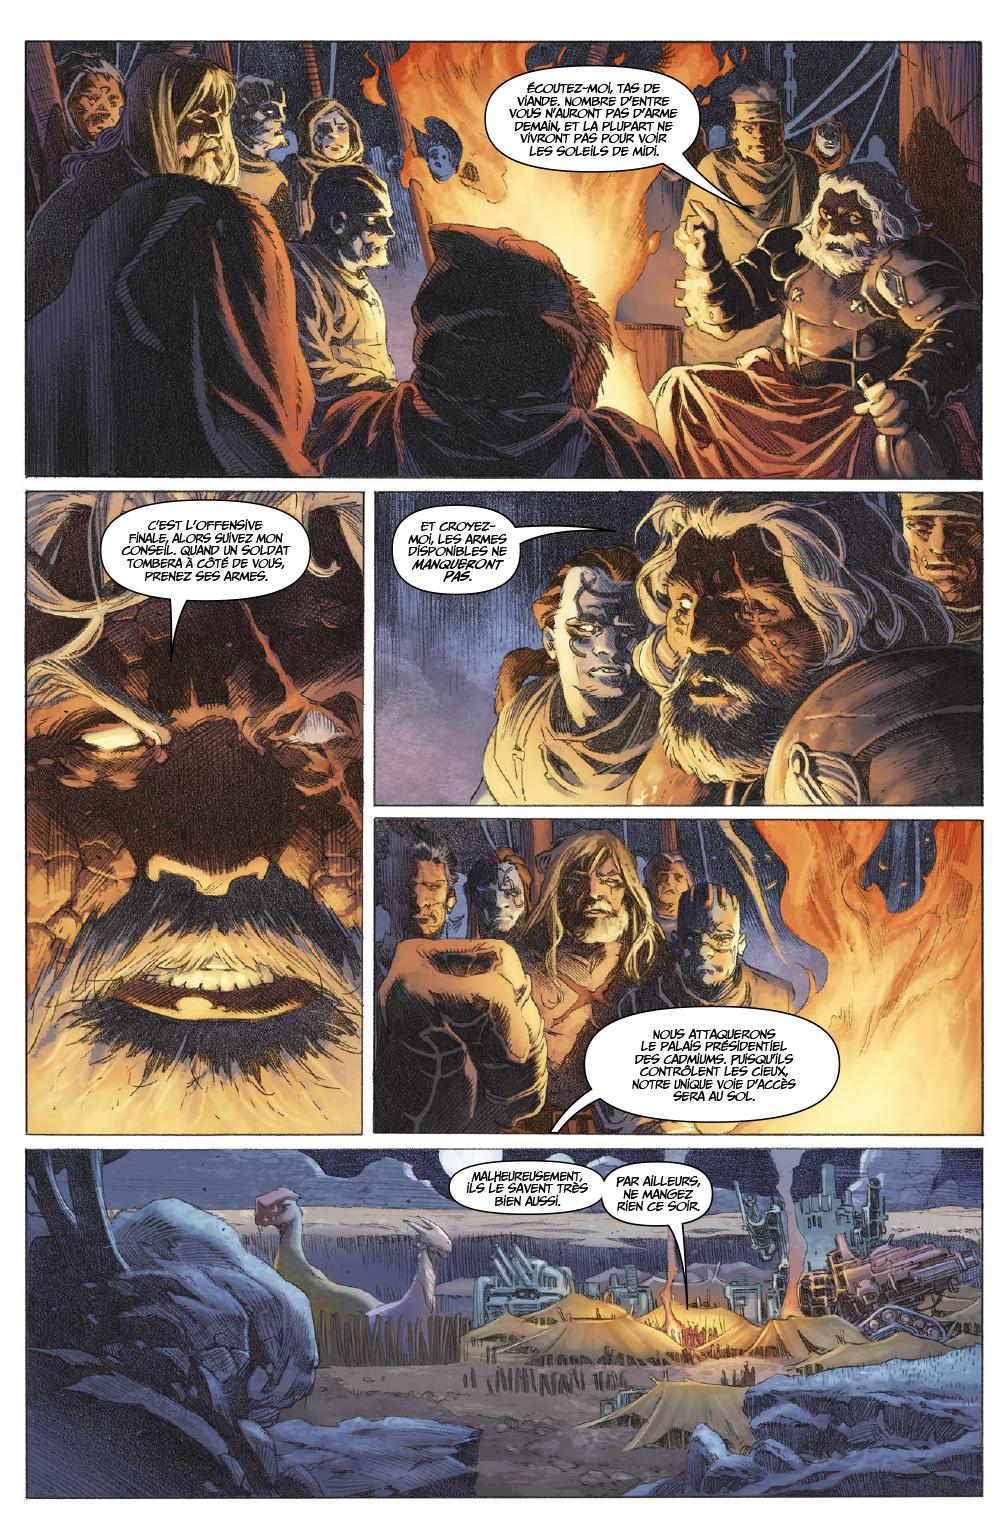 Extrait n°14 du comics tome 1 par Matt Kindt